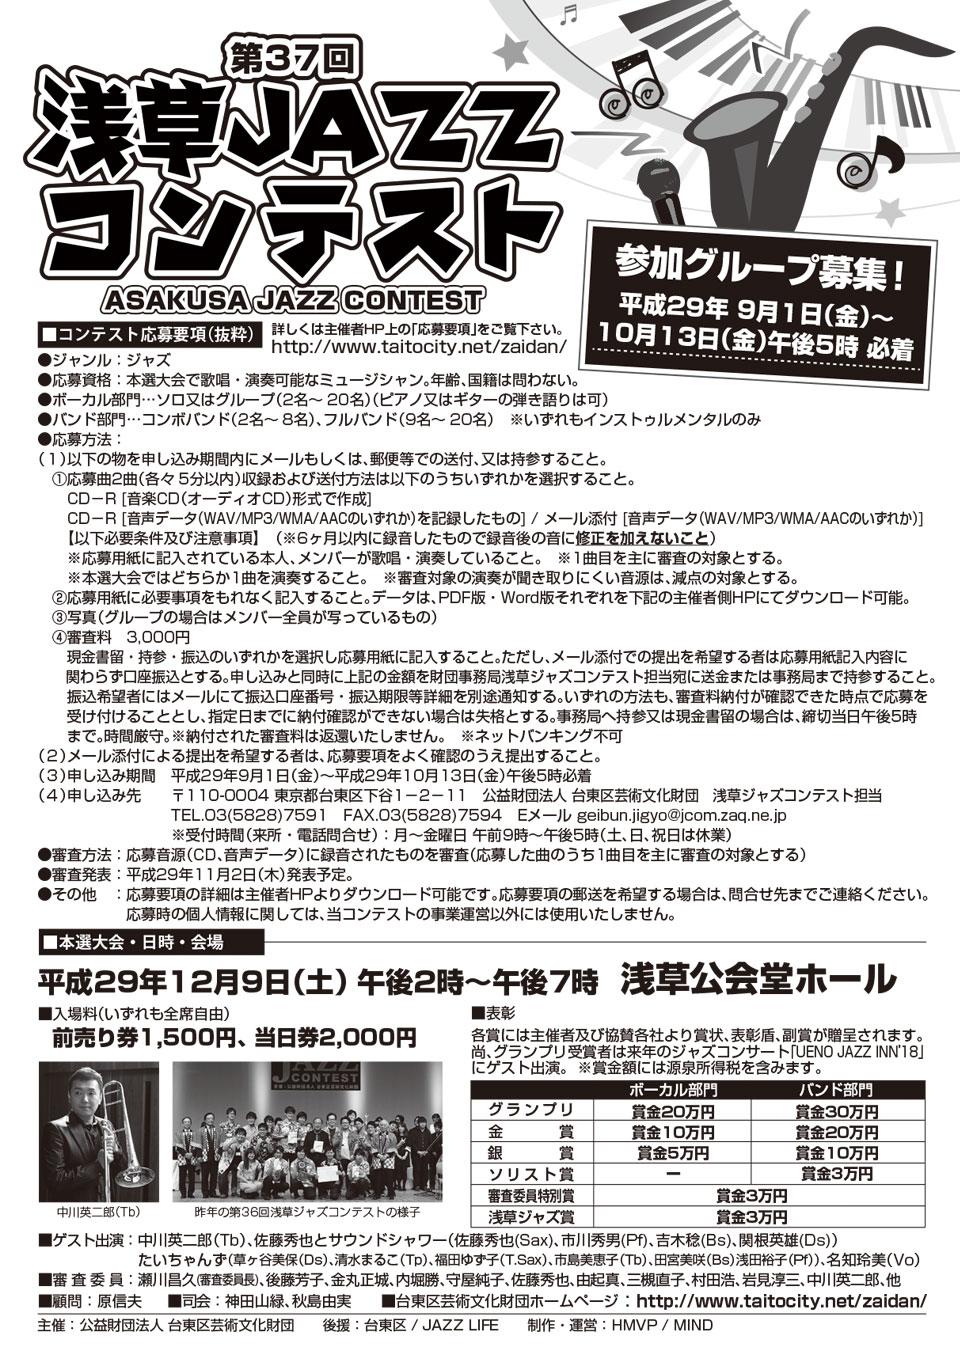 第37回浅草JAZZコンテスト 参加者募集